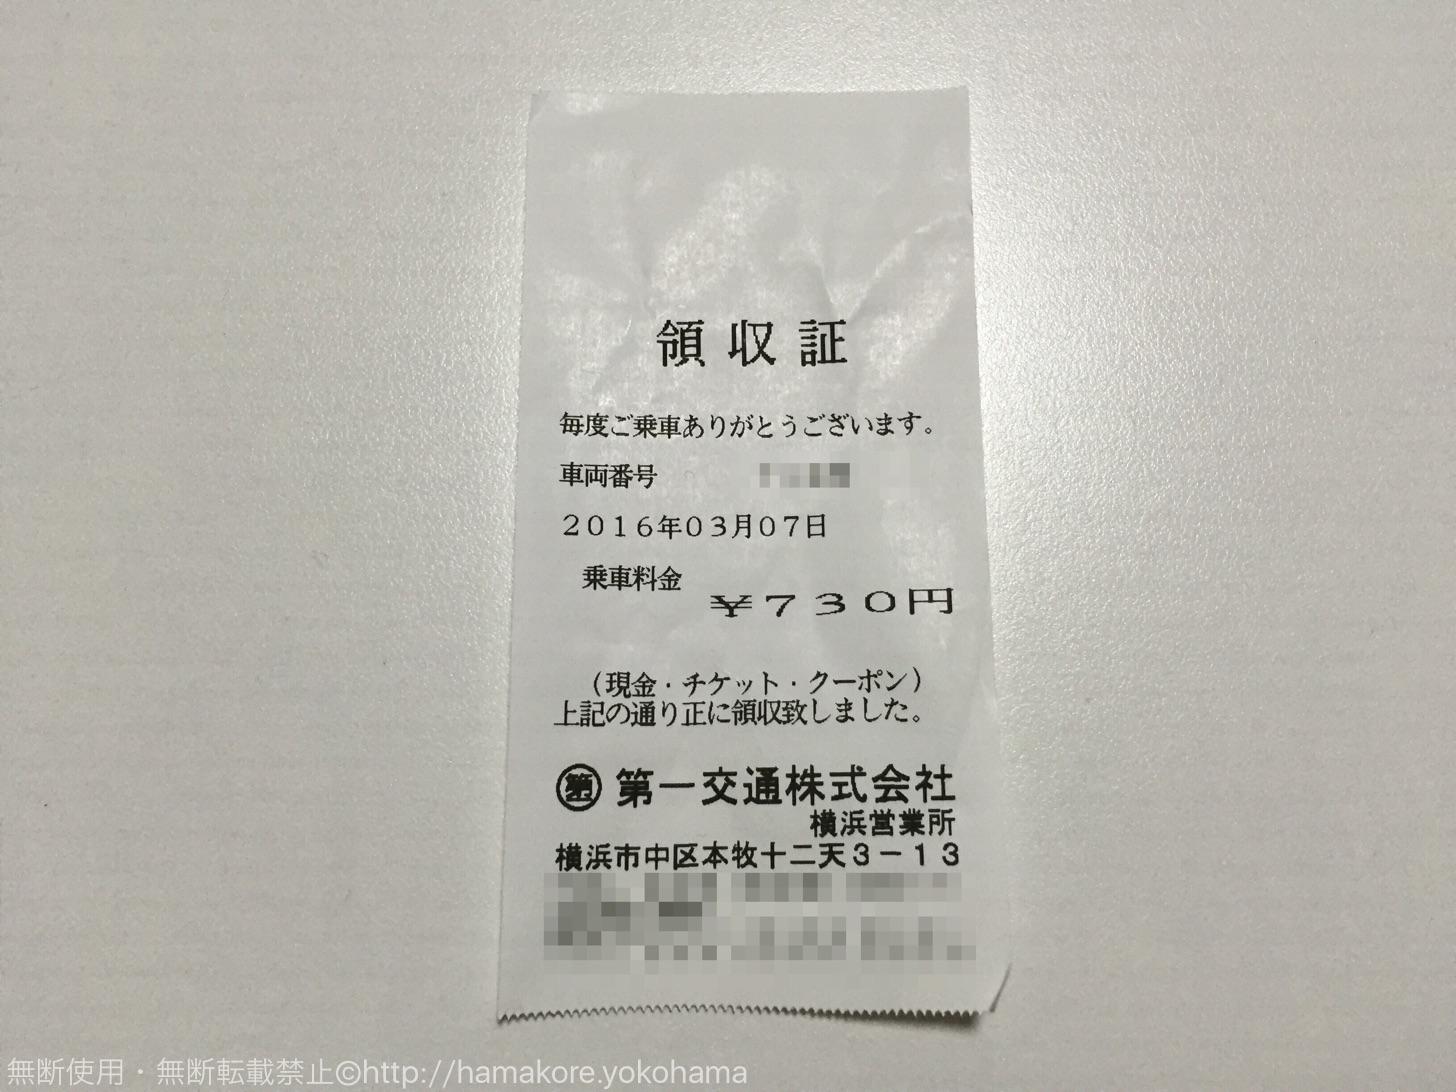 桜木町駅からマリン&ウォーク ヨコハマまでのタクシーの領収書